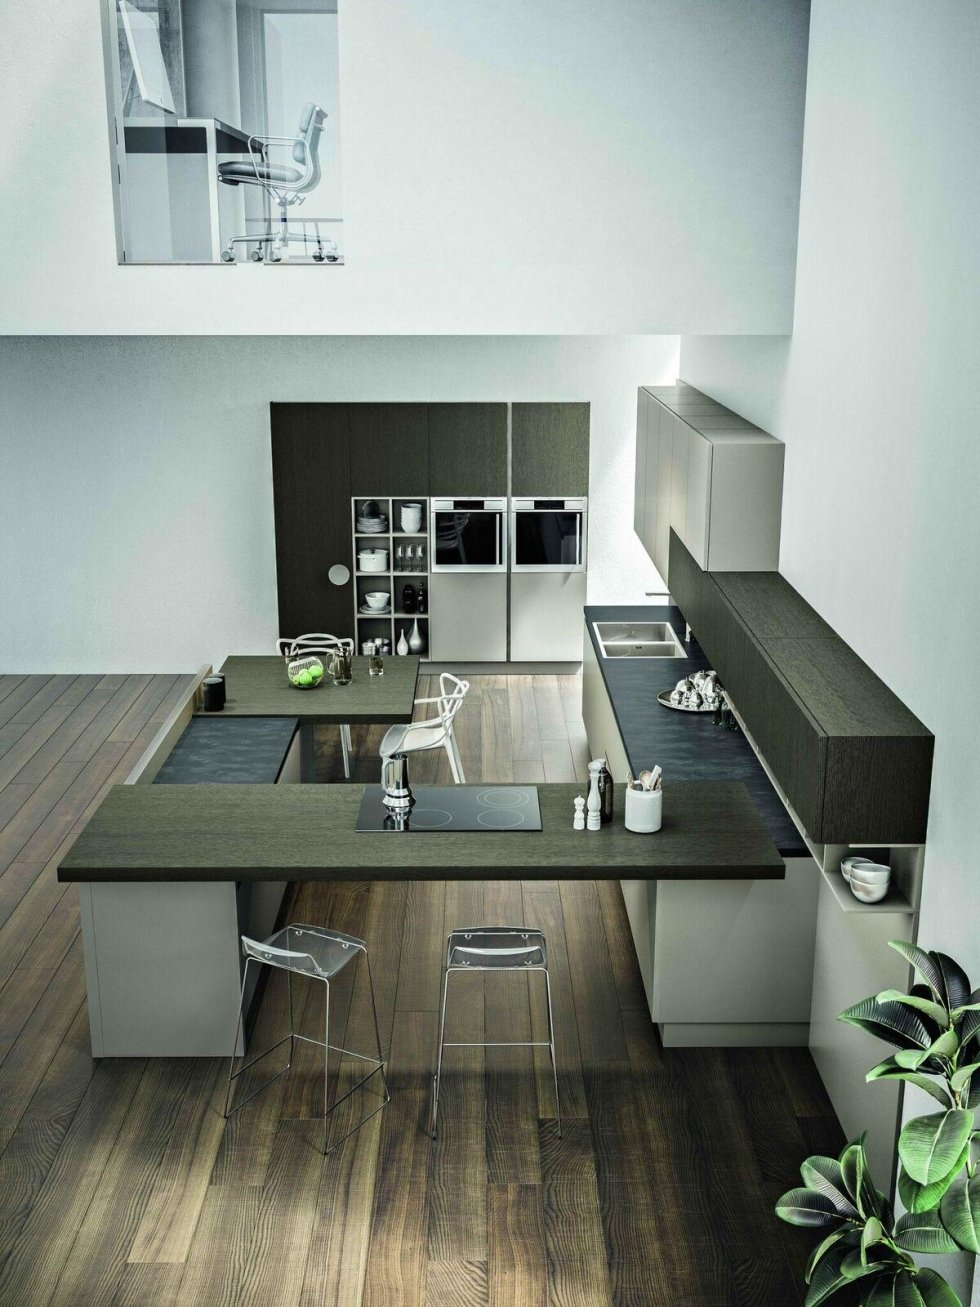 Asselle mobili cucine mobili e arredamenti arredamento - Asselle mobili cucine ...